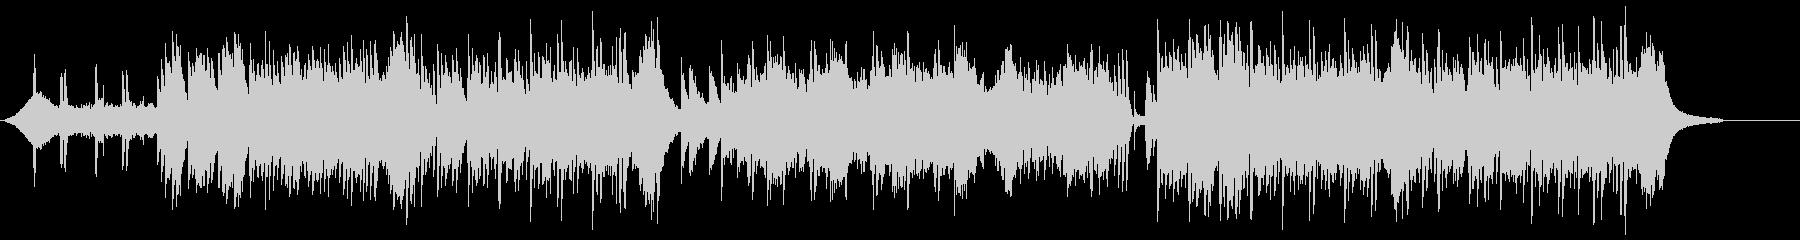 ピアノ主体の和風ホラー、伝奇系 1の未再生の波形